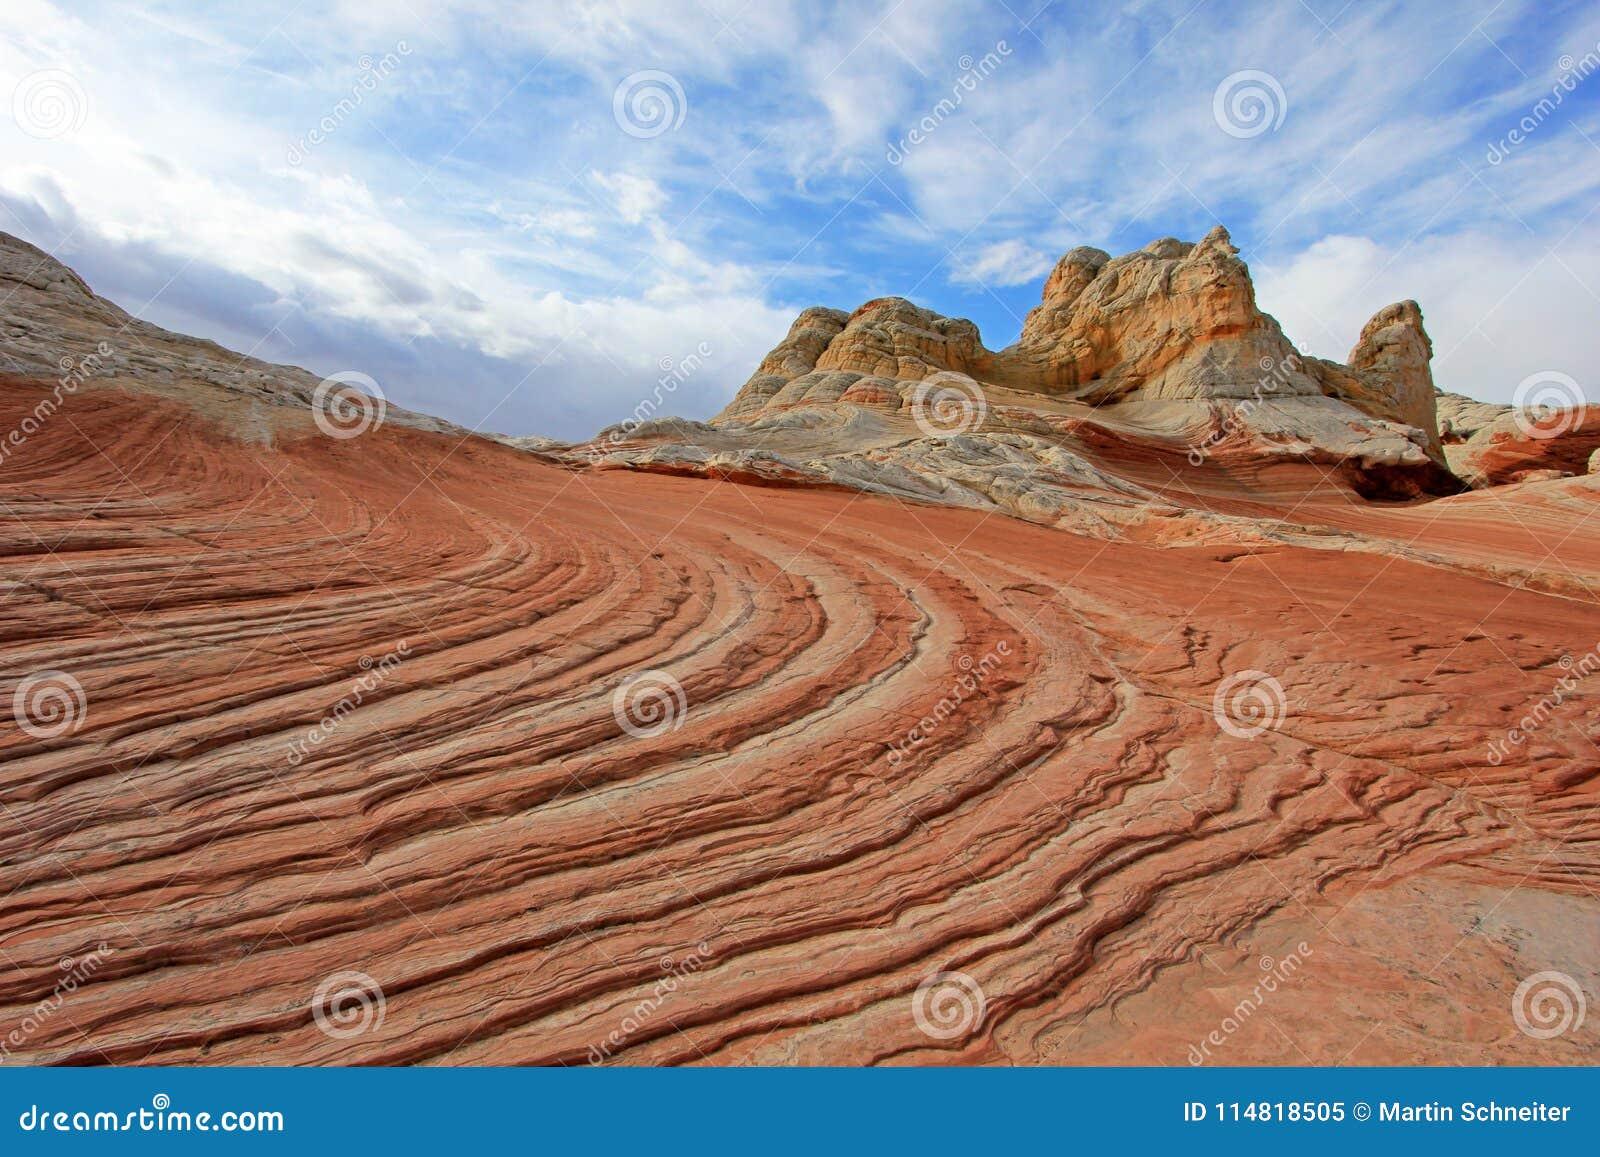 Mariposa, una formación de roca en el bolsillo blanco, motas CBS del sur, desierto bermellón de los acantilados del barranco de P